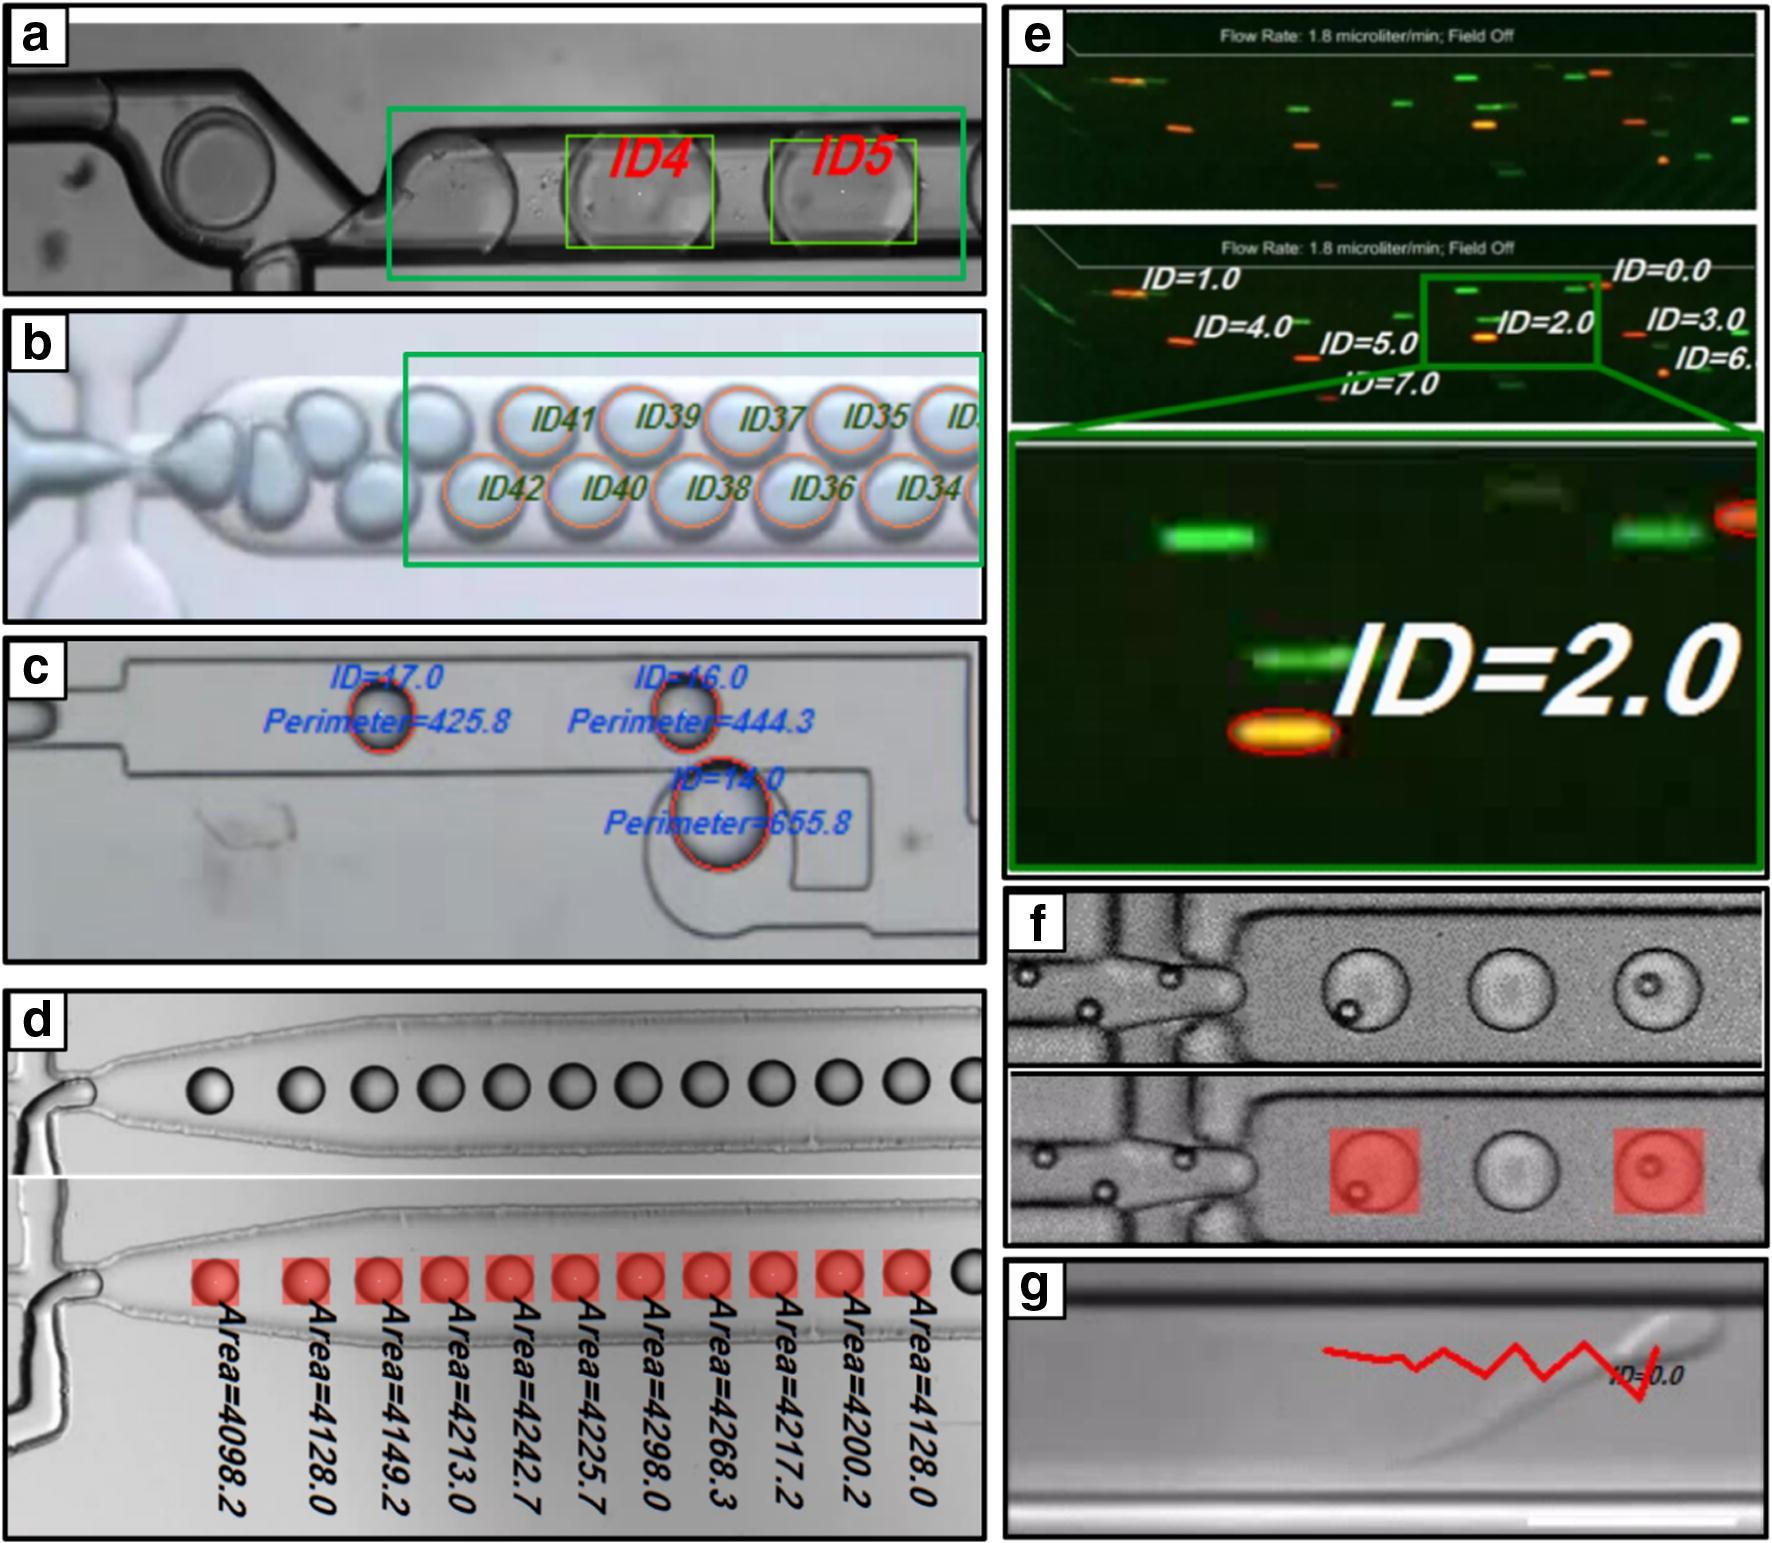 Multi-purpose machine vision platform for different microfluidics